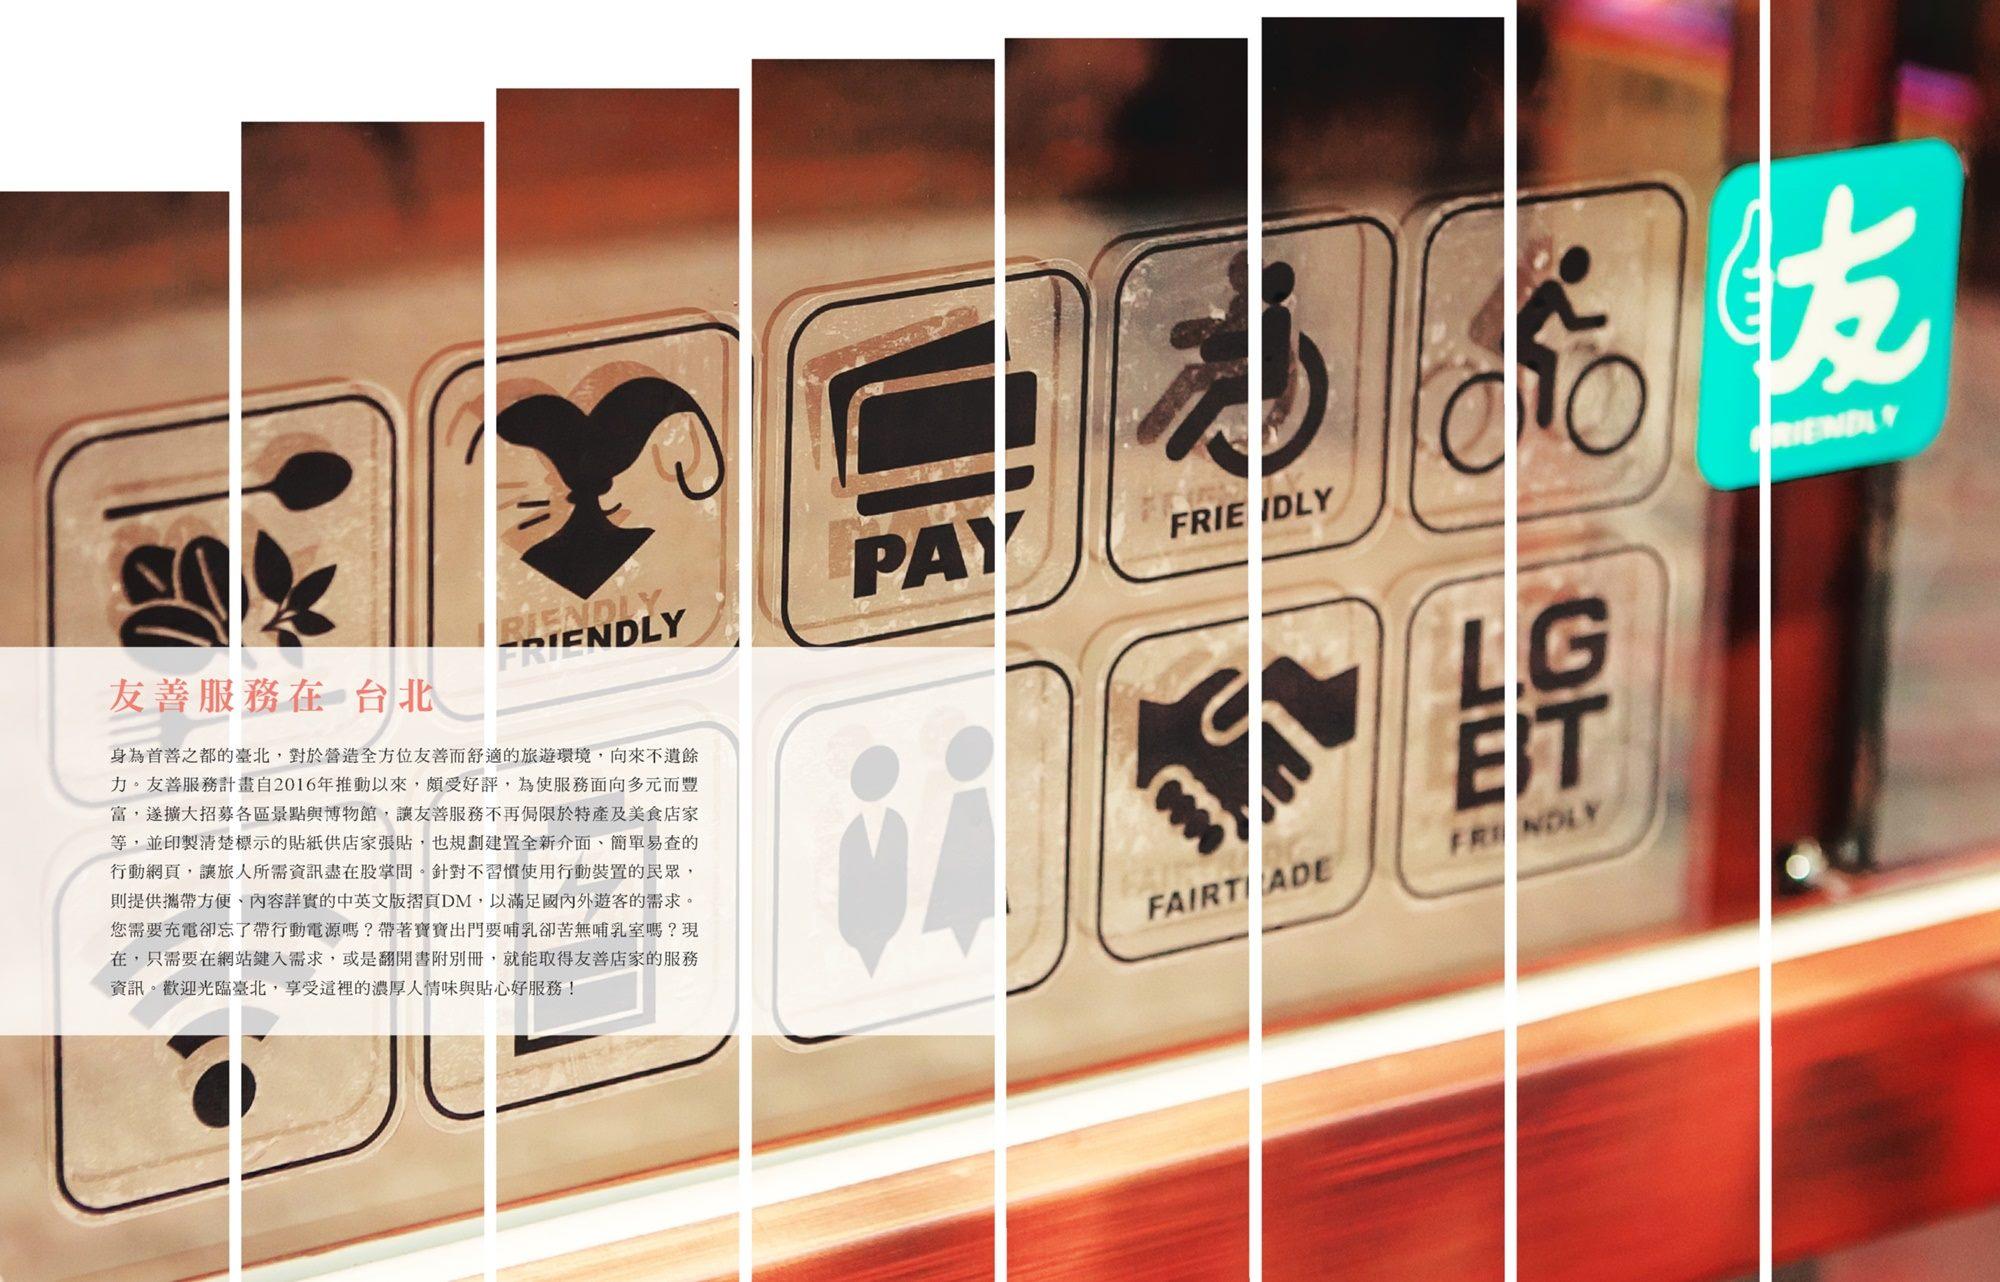 友善商圈-內頁縮圖1